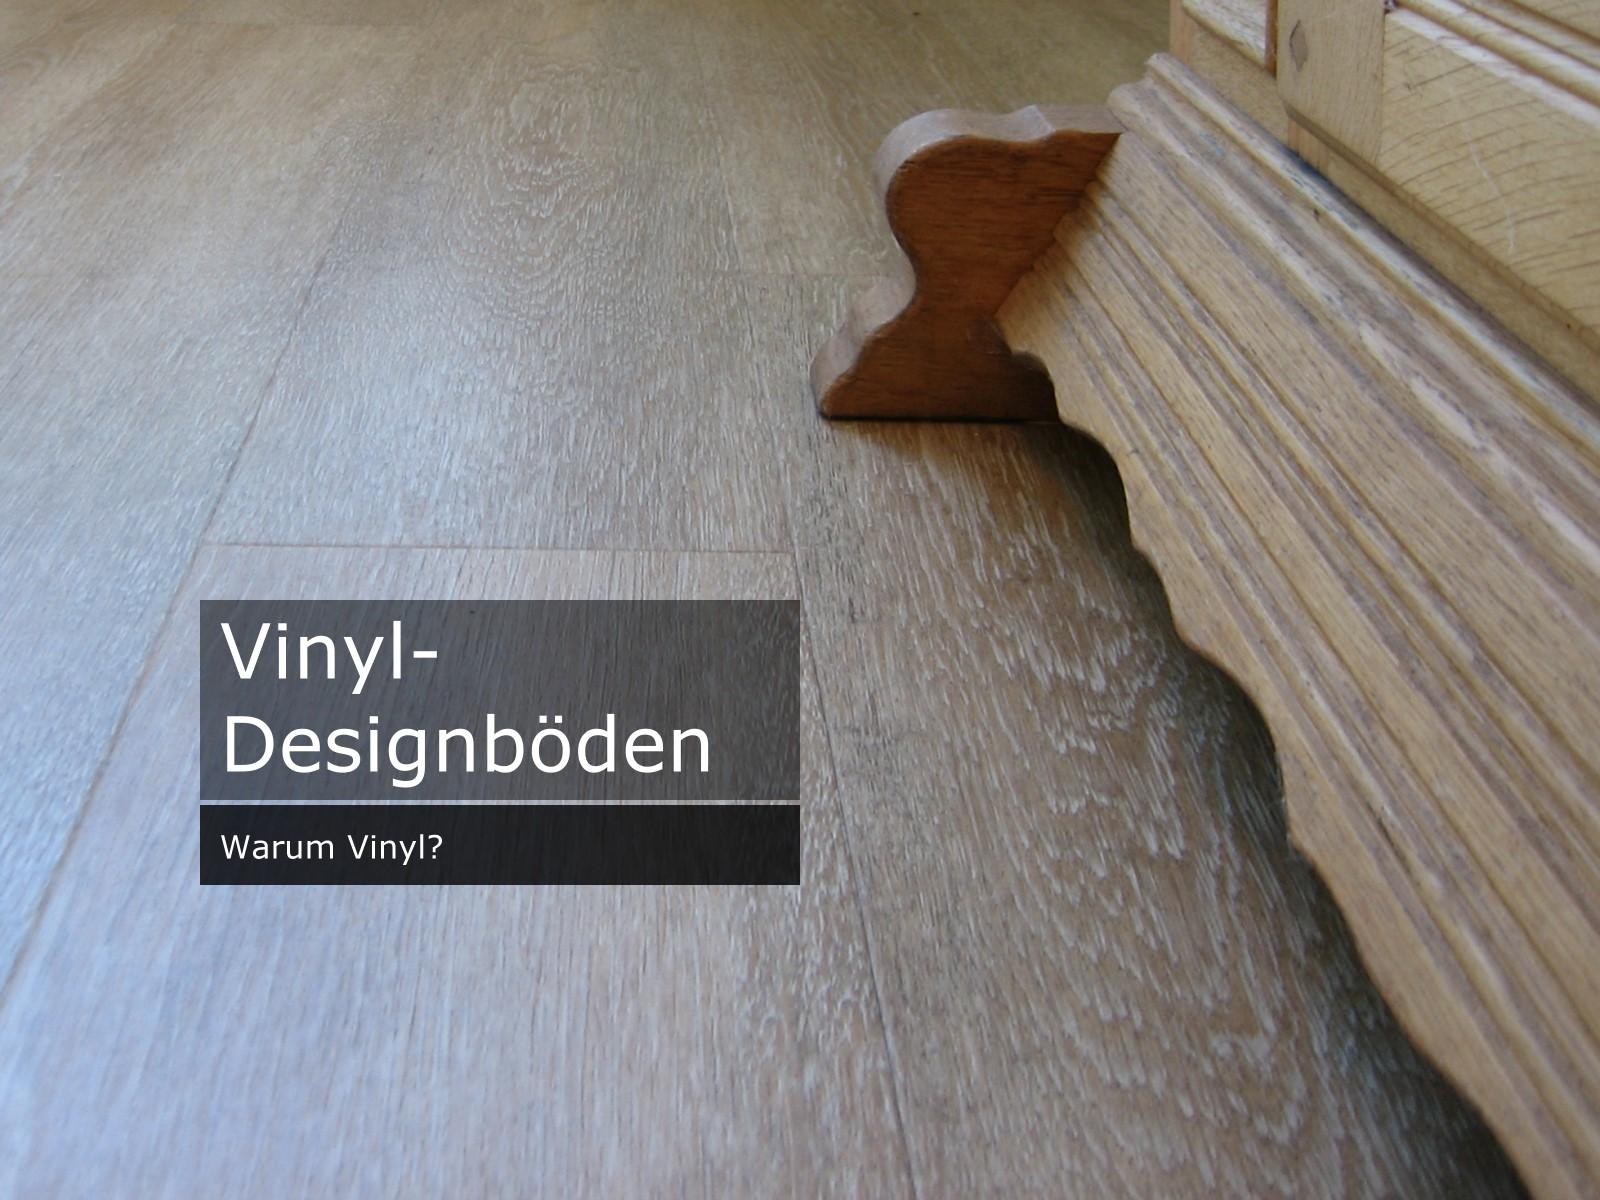 Spezialist für Korkparkett und Design-Vinyl - BODEN STRUCK | Essen